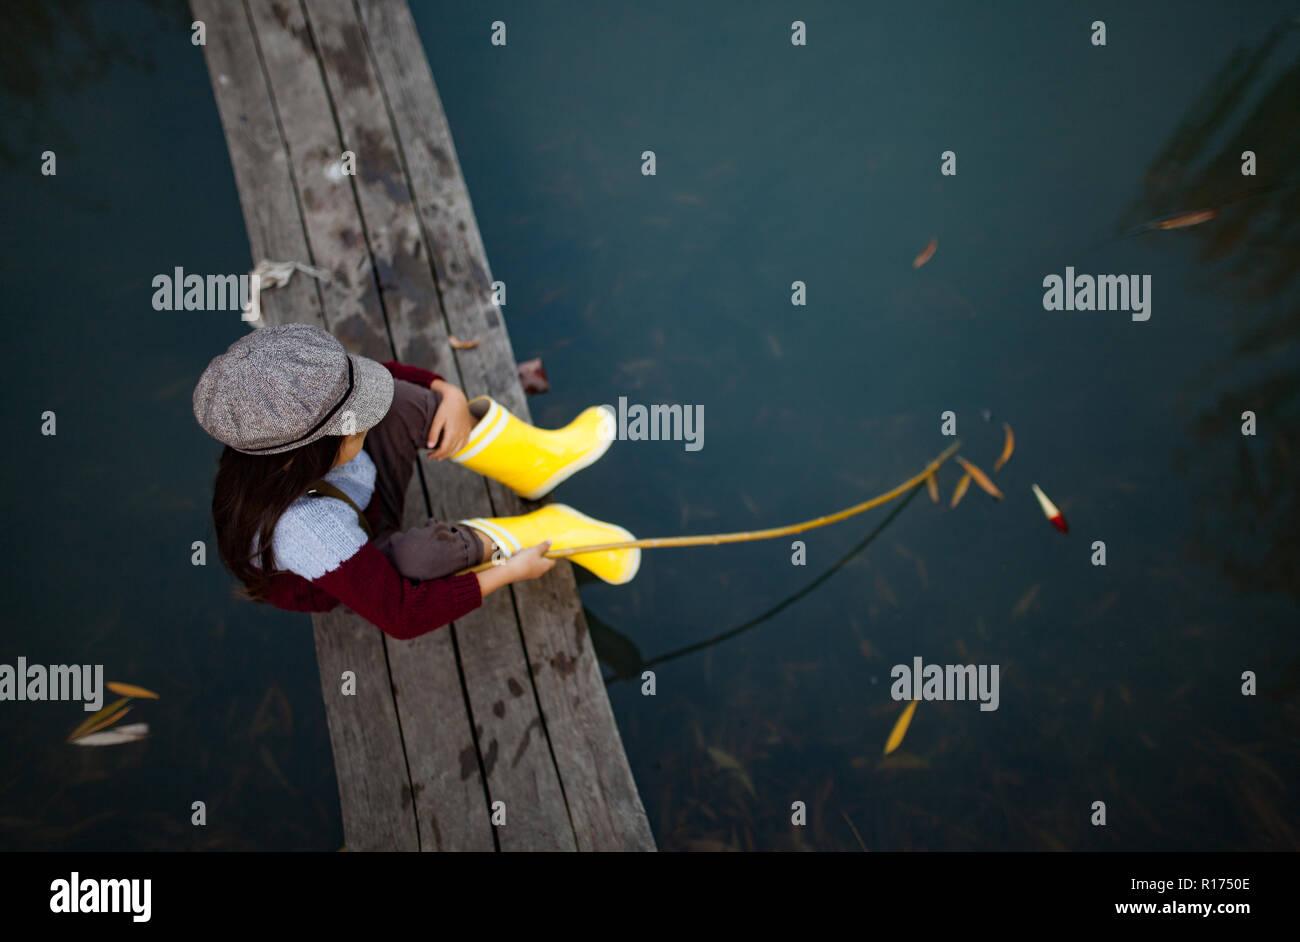 Bambino ragazza in giallo stivali di gomma e cappuccio si siede sul legno ponte di pesca e le catture di pesce con self-made canna da pesca. Vista dall'alto. Foto Stock